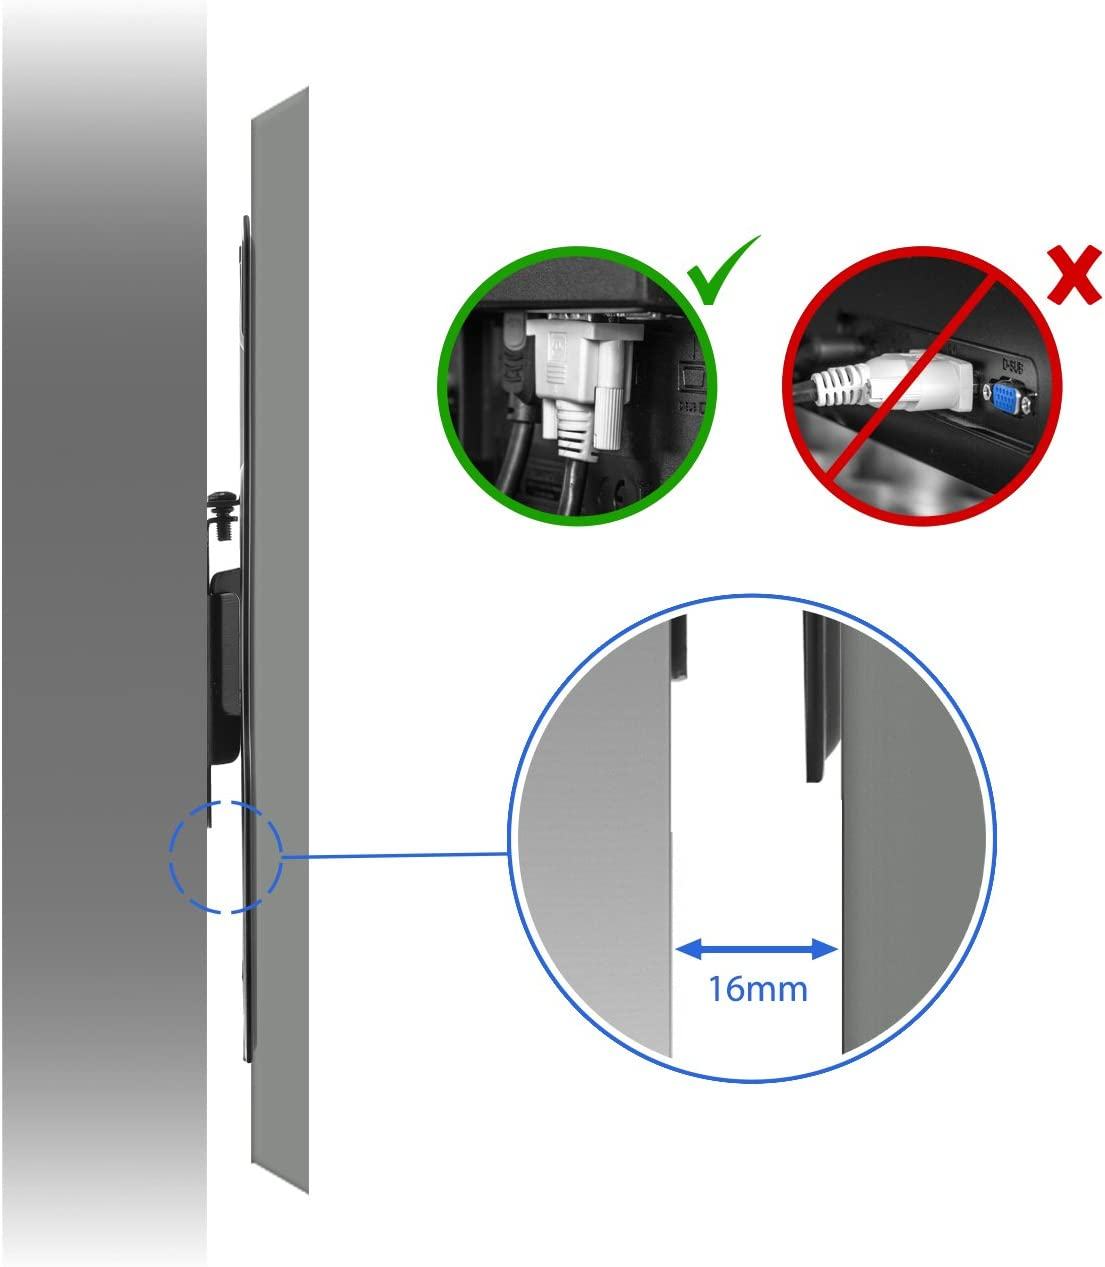 hasta 30kg /& VESA 200x200mm TV Soporte de Monitor deleyCON Universal TV y Monitor Soporte de Pared 17-47 Pulgadas Distancia de la Pared s/ólo 16mm 43-119cm